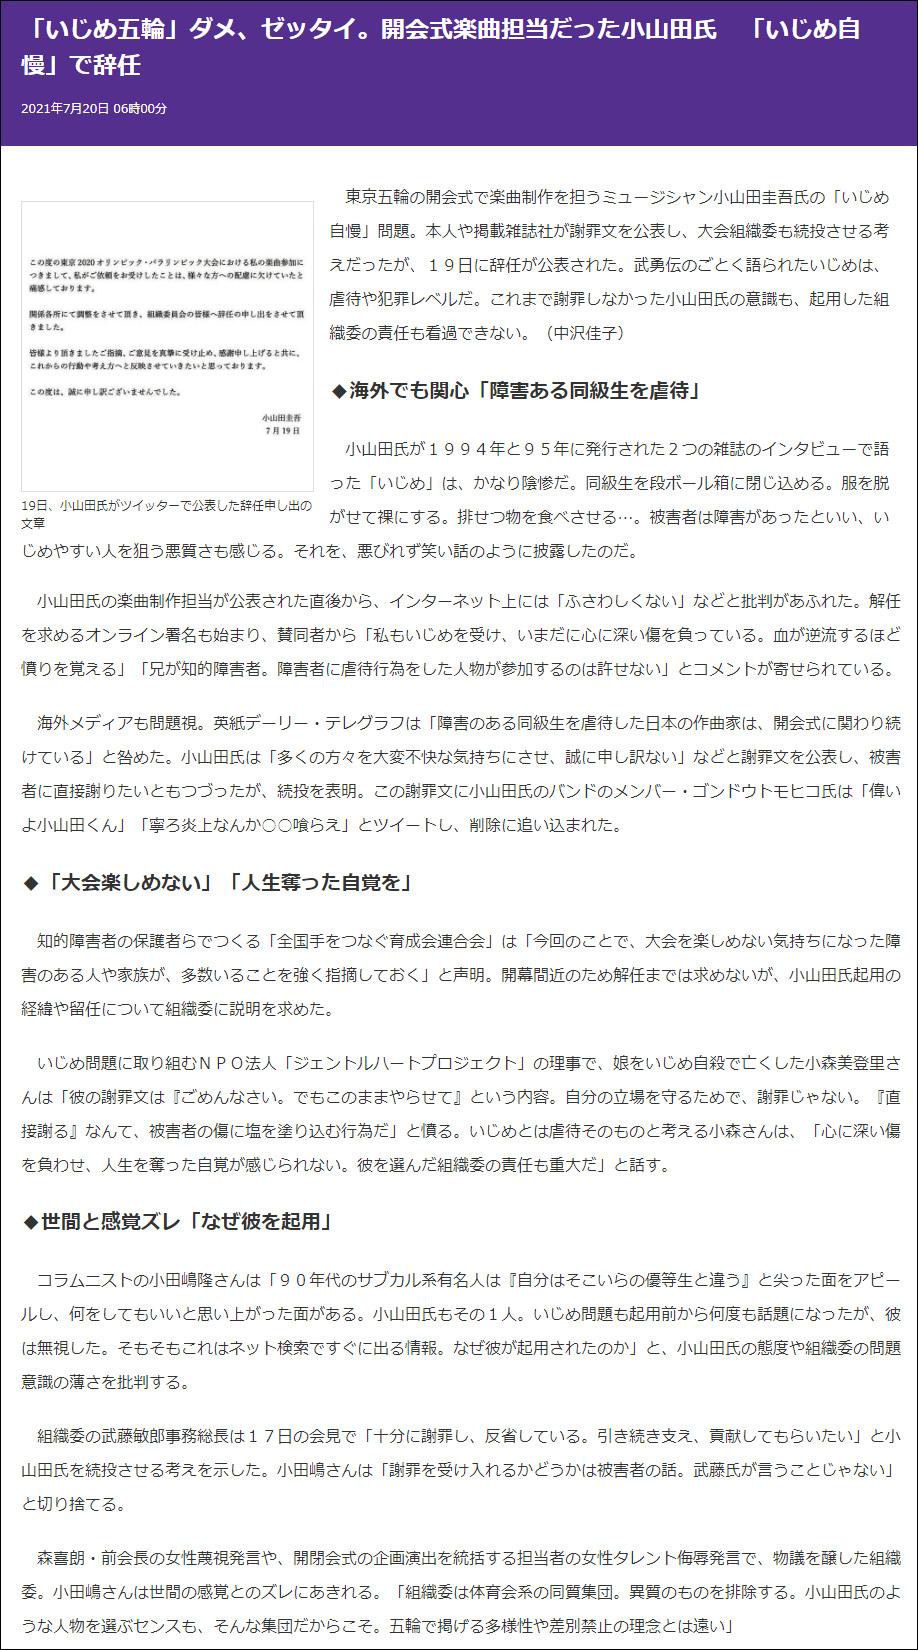 小森美登里:東京新聞、2021年7月20日「『いじめ五輪』ダメ、ゼッタイ。開会式楽曲担当だった小山田氏『いじめ自慢』で辞任」掲載